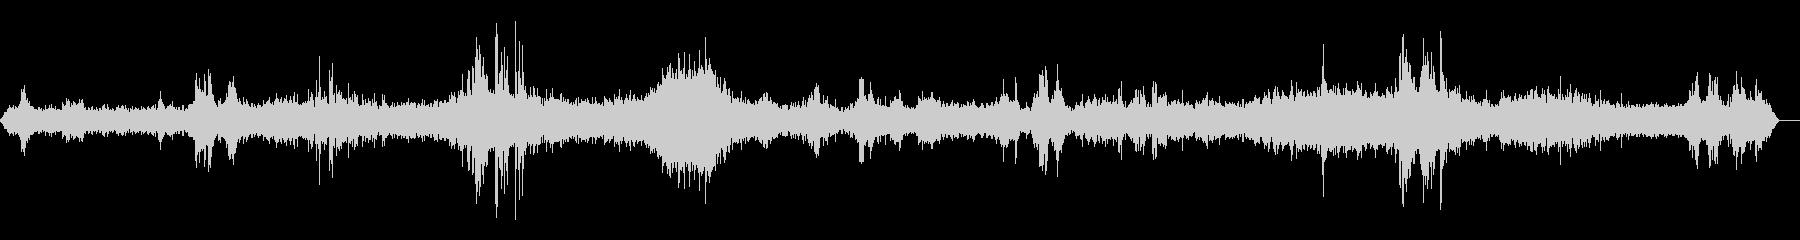 メトロ8バルセロナのパブリックアド...の未再生の波形